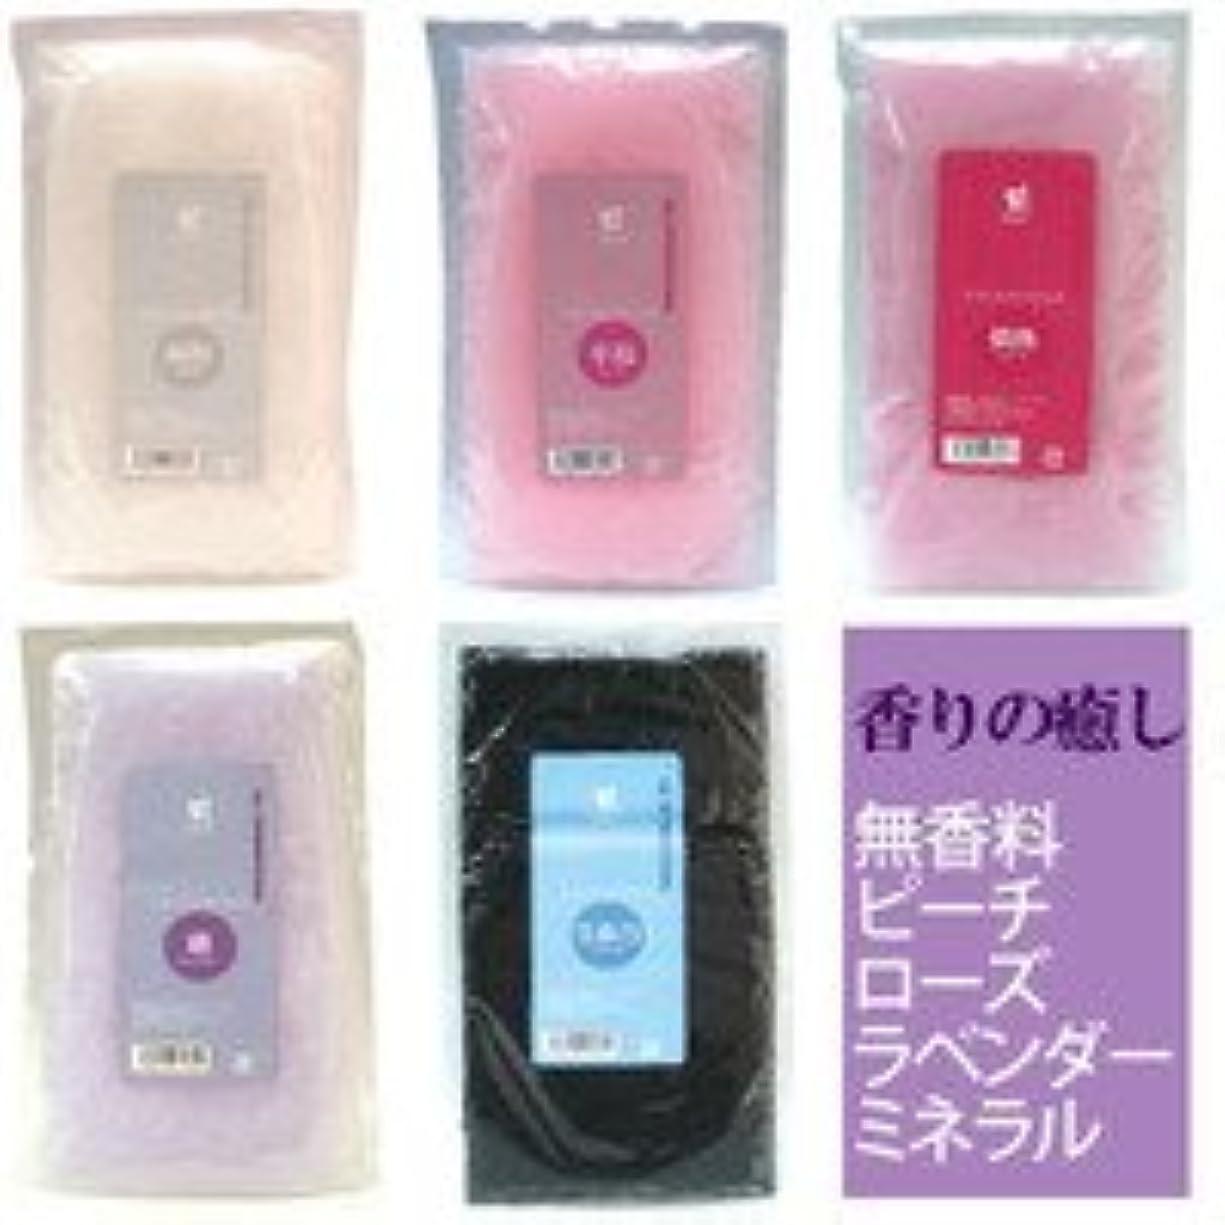 ラップトップ同級生辛いパラフィンパック 【トリートメントパック】 450g (純粋(無香料))